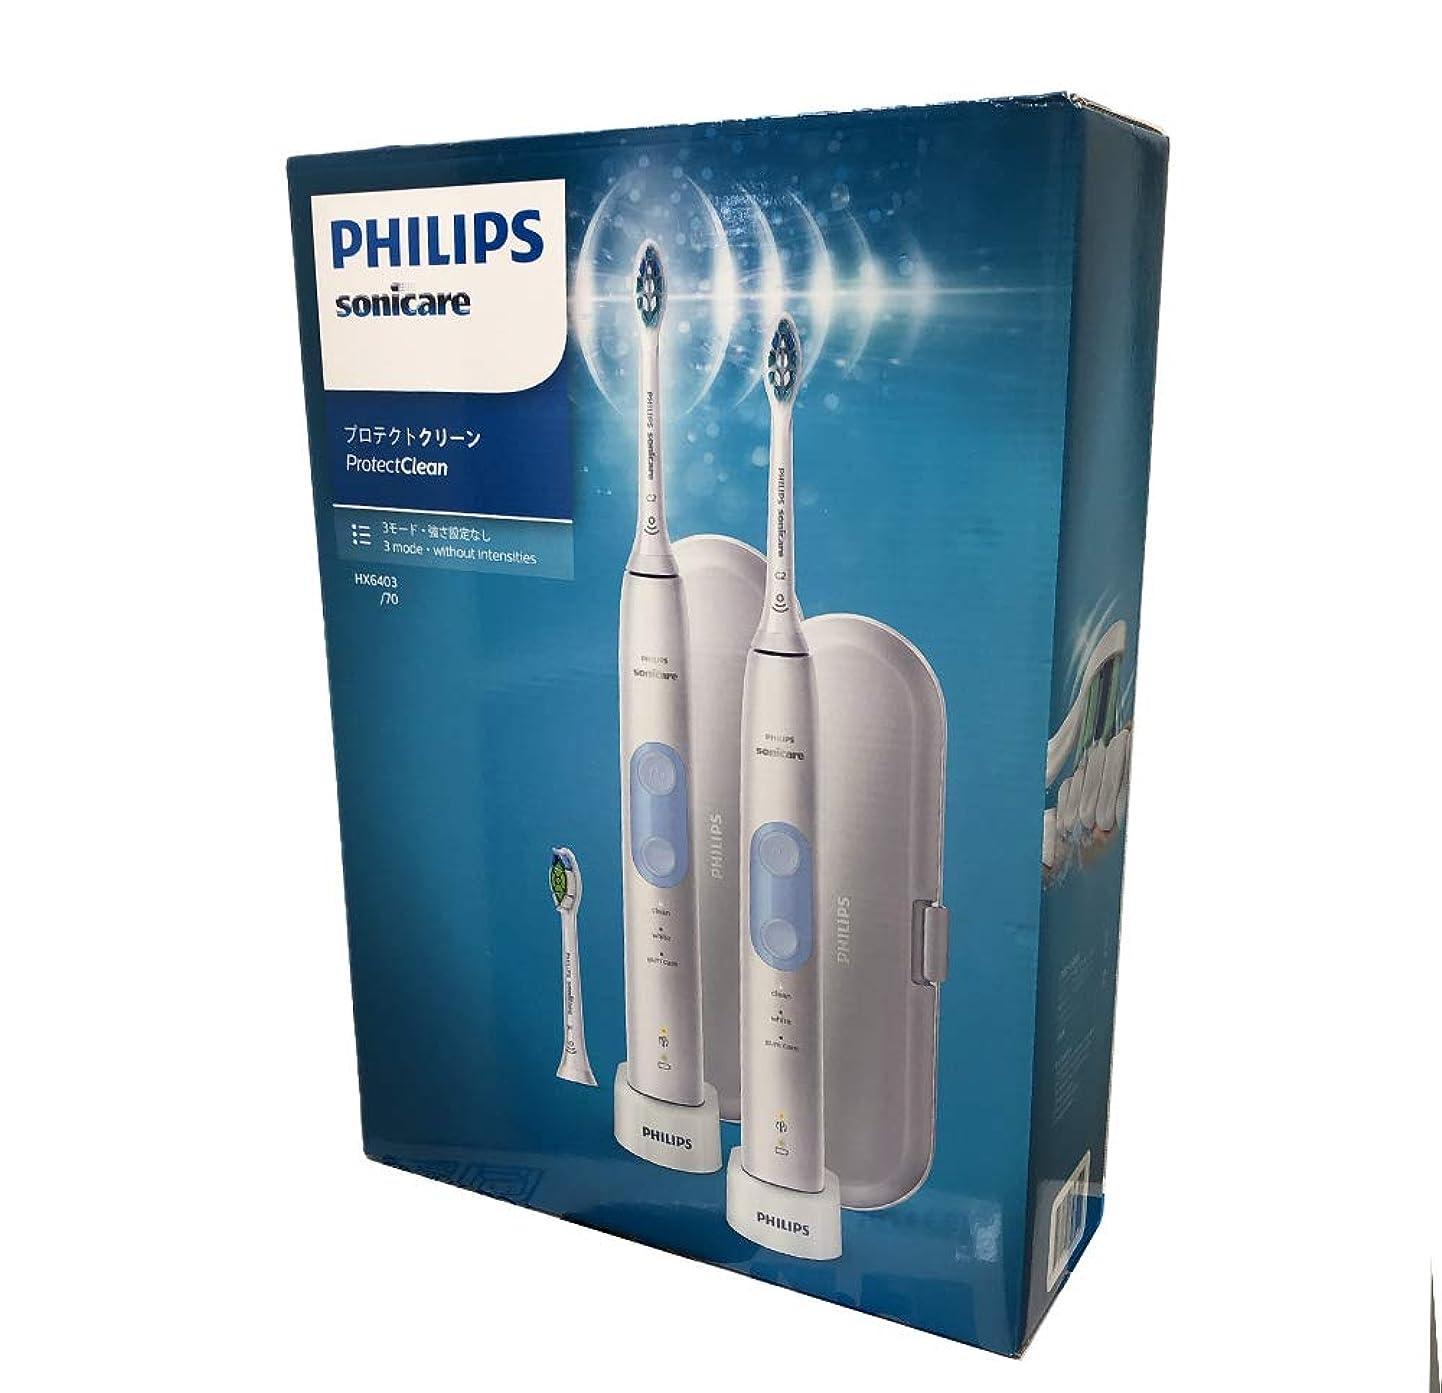 小切手ファン気怠いフィリップス 電動歯ブラシ Sonicare ソニケア protect clean